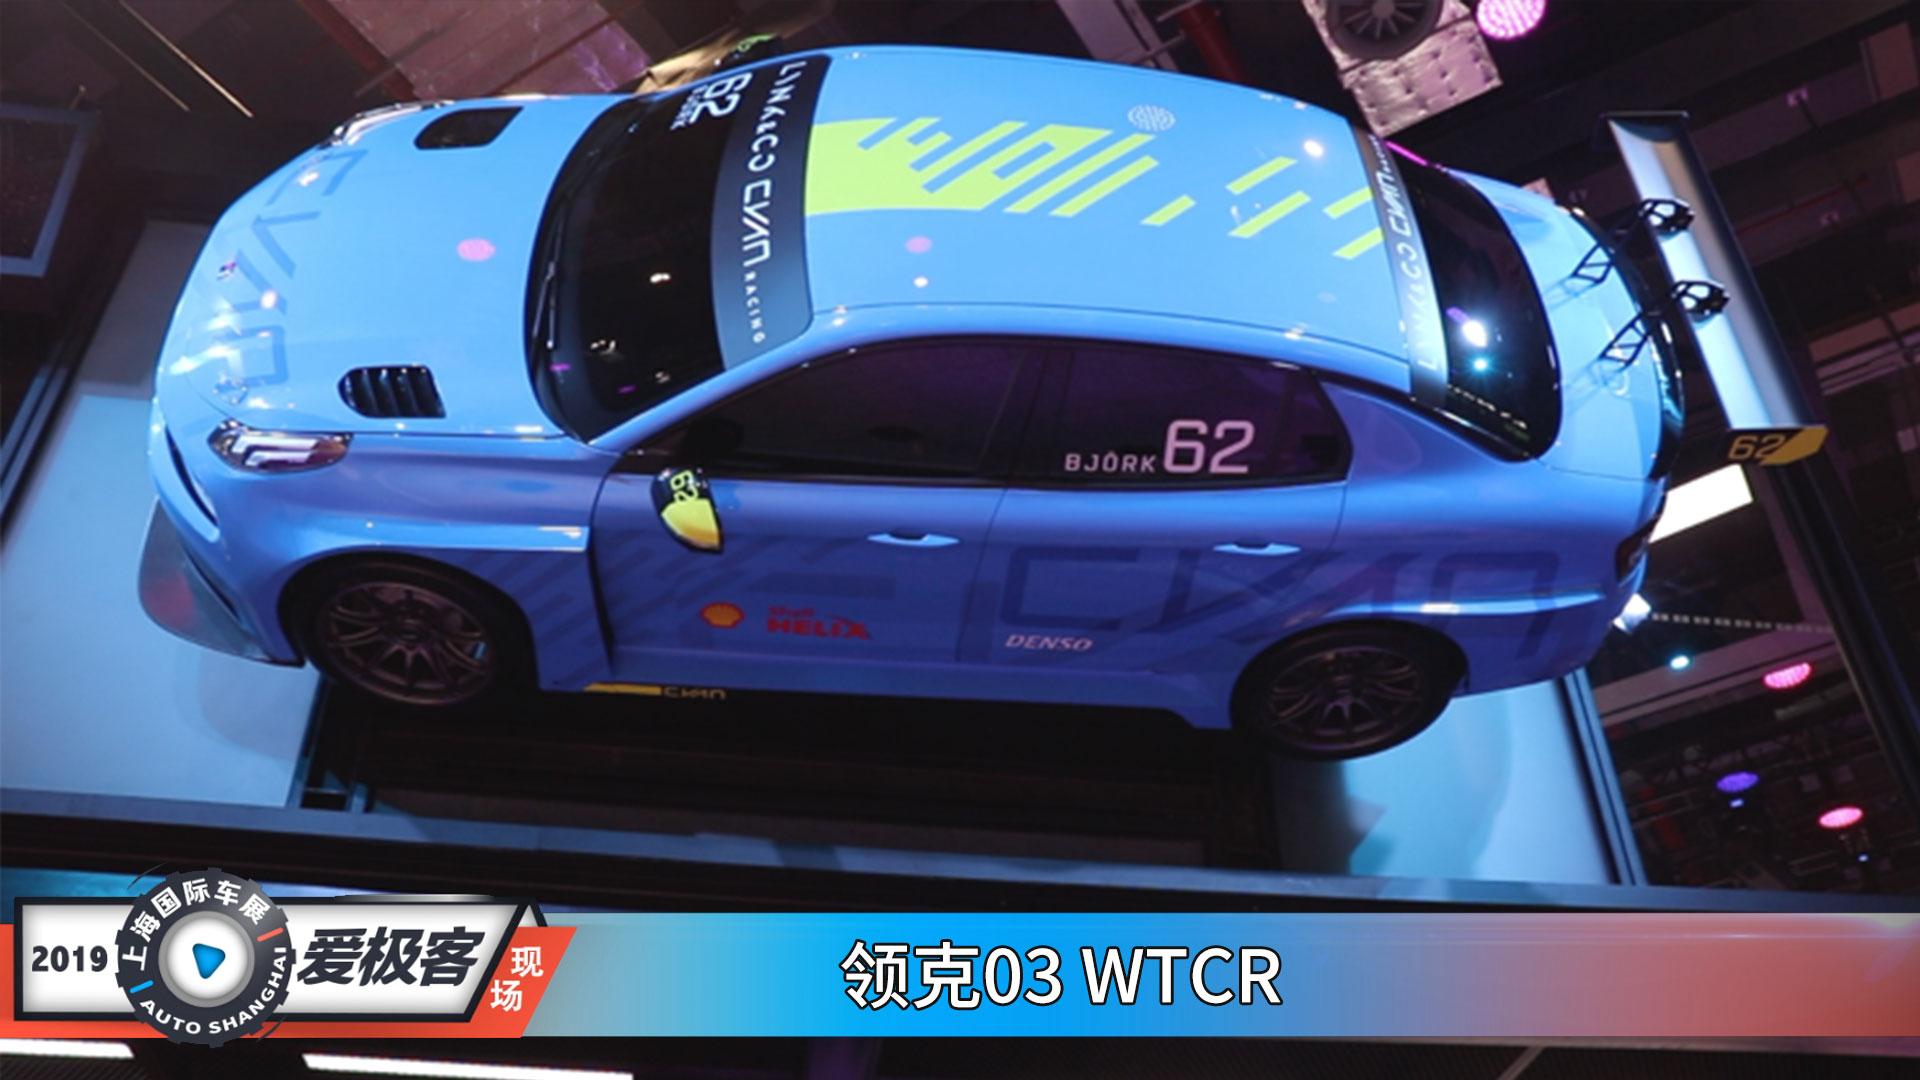 2019上海车展 征战赛场的中国品牌 领克03WTCR